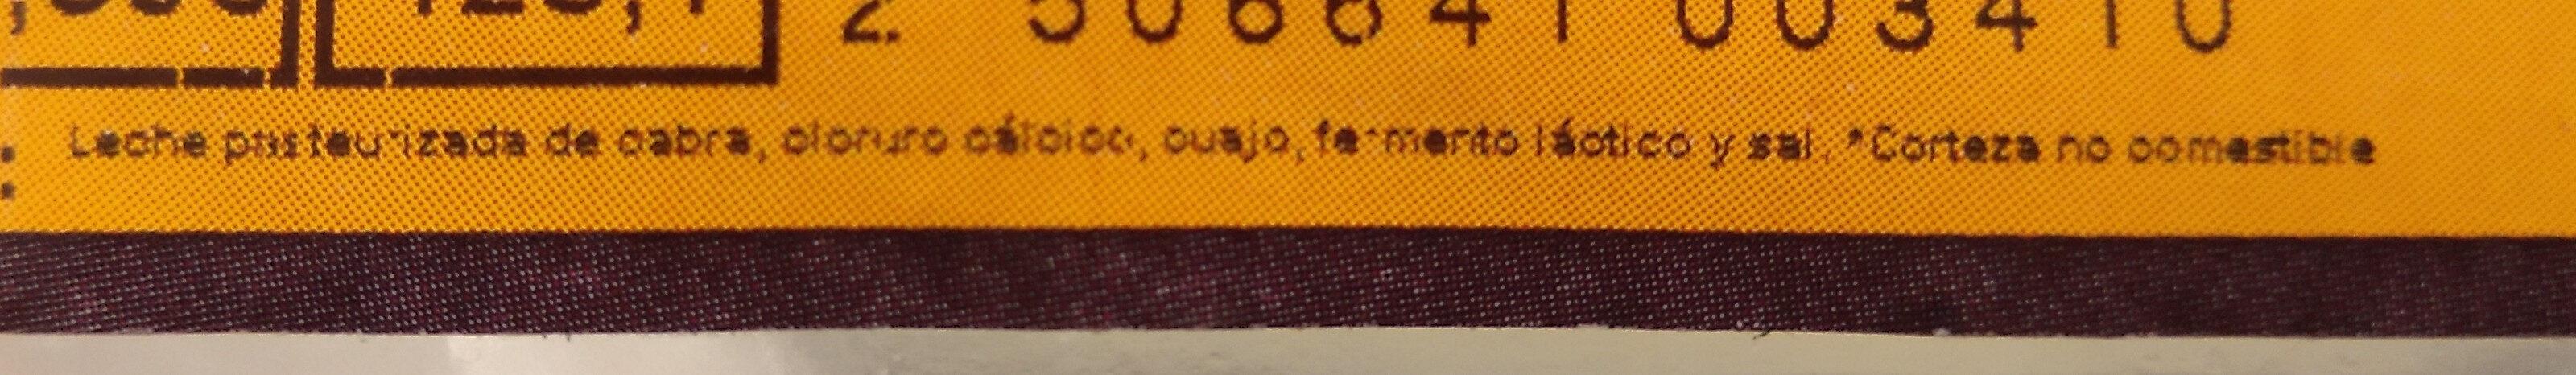 Queso artesano de Cabra Garrotxa - Ingredients - es